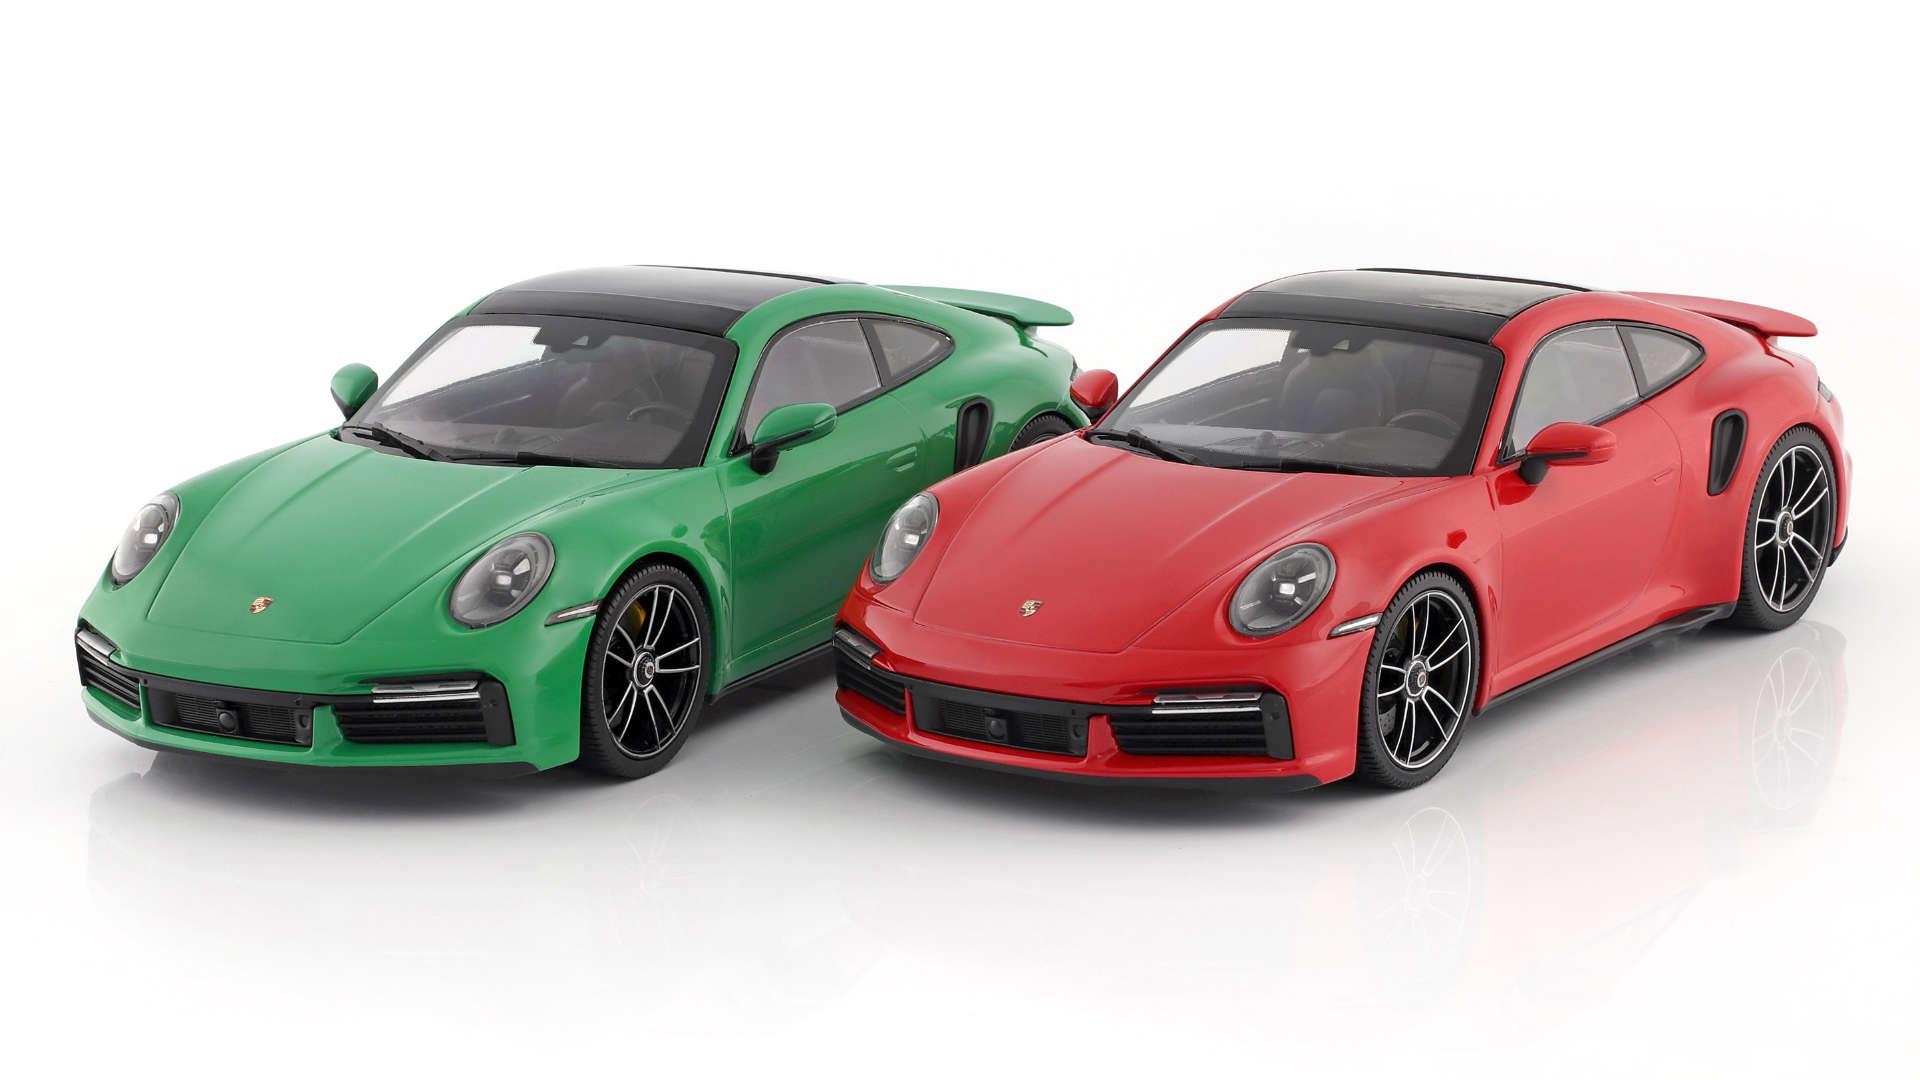 Minichamps Porsche 911 992 turbo